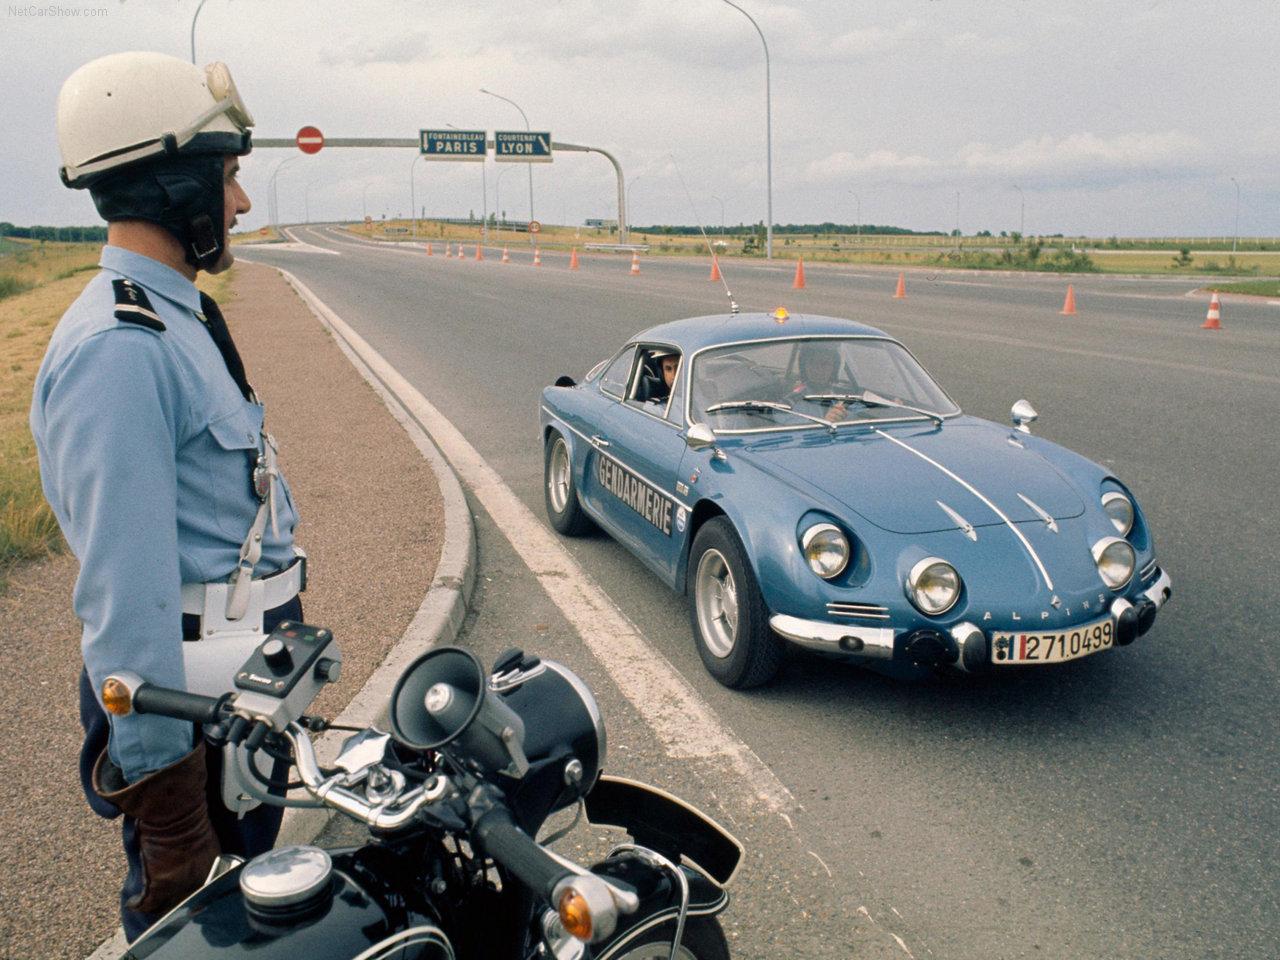 Alpine Renault A110 Gendarmerie 1970 netcarshow com Renault-Alpine_A_110-1970-1280-01